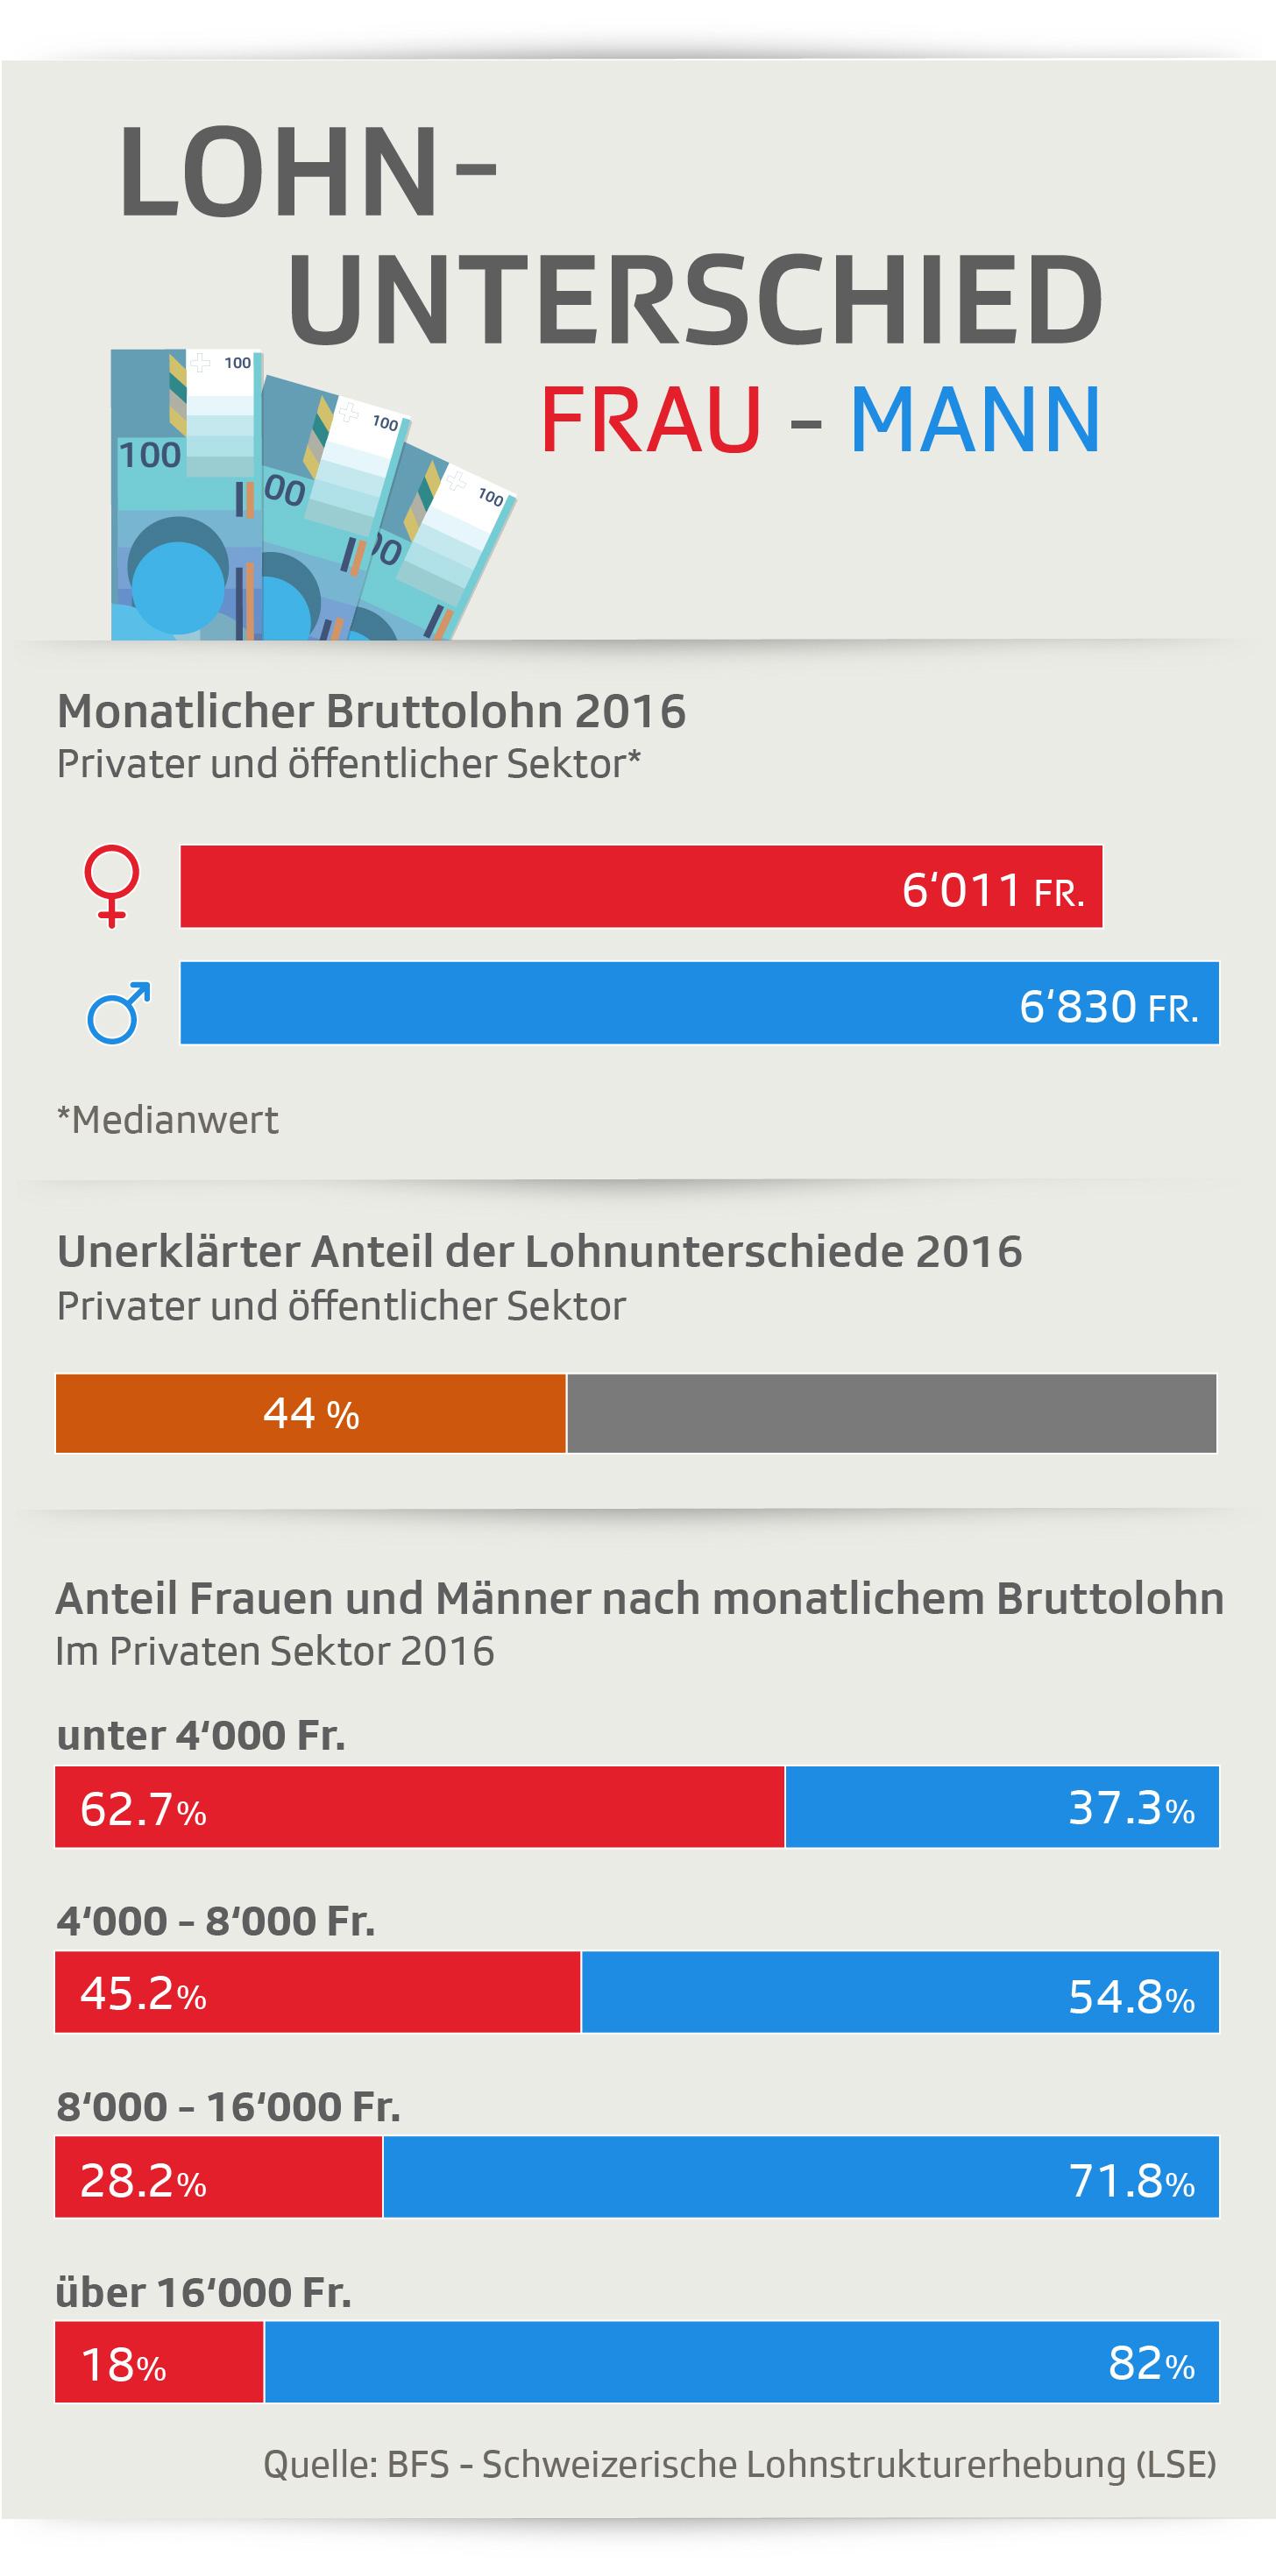 Lohnunterschiede zwischen Mann und Frau in der Schweiz